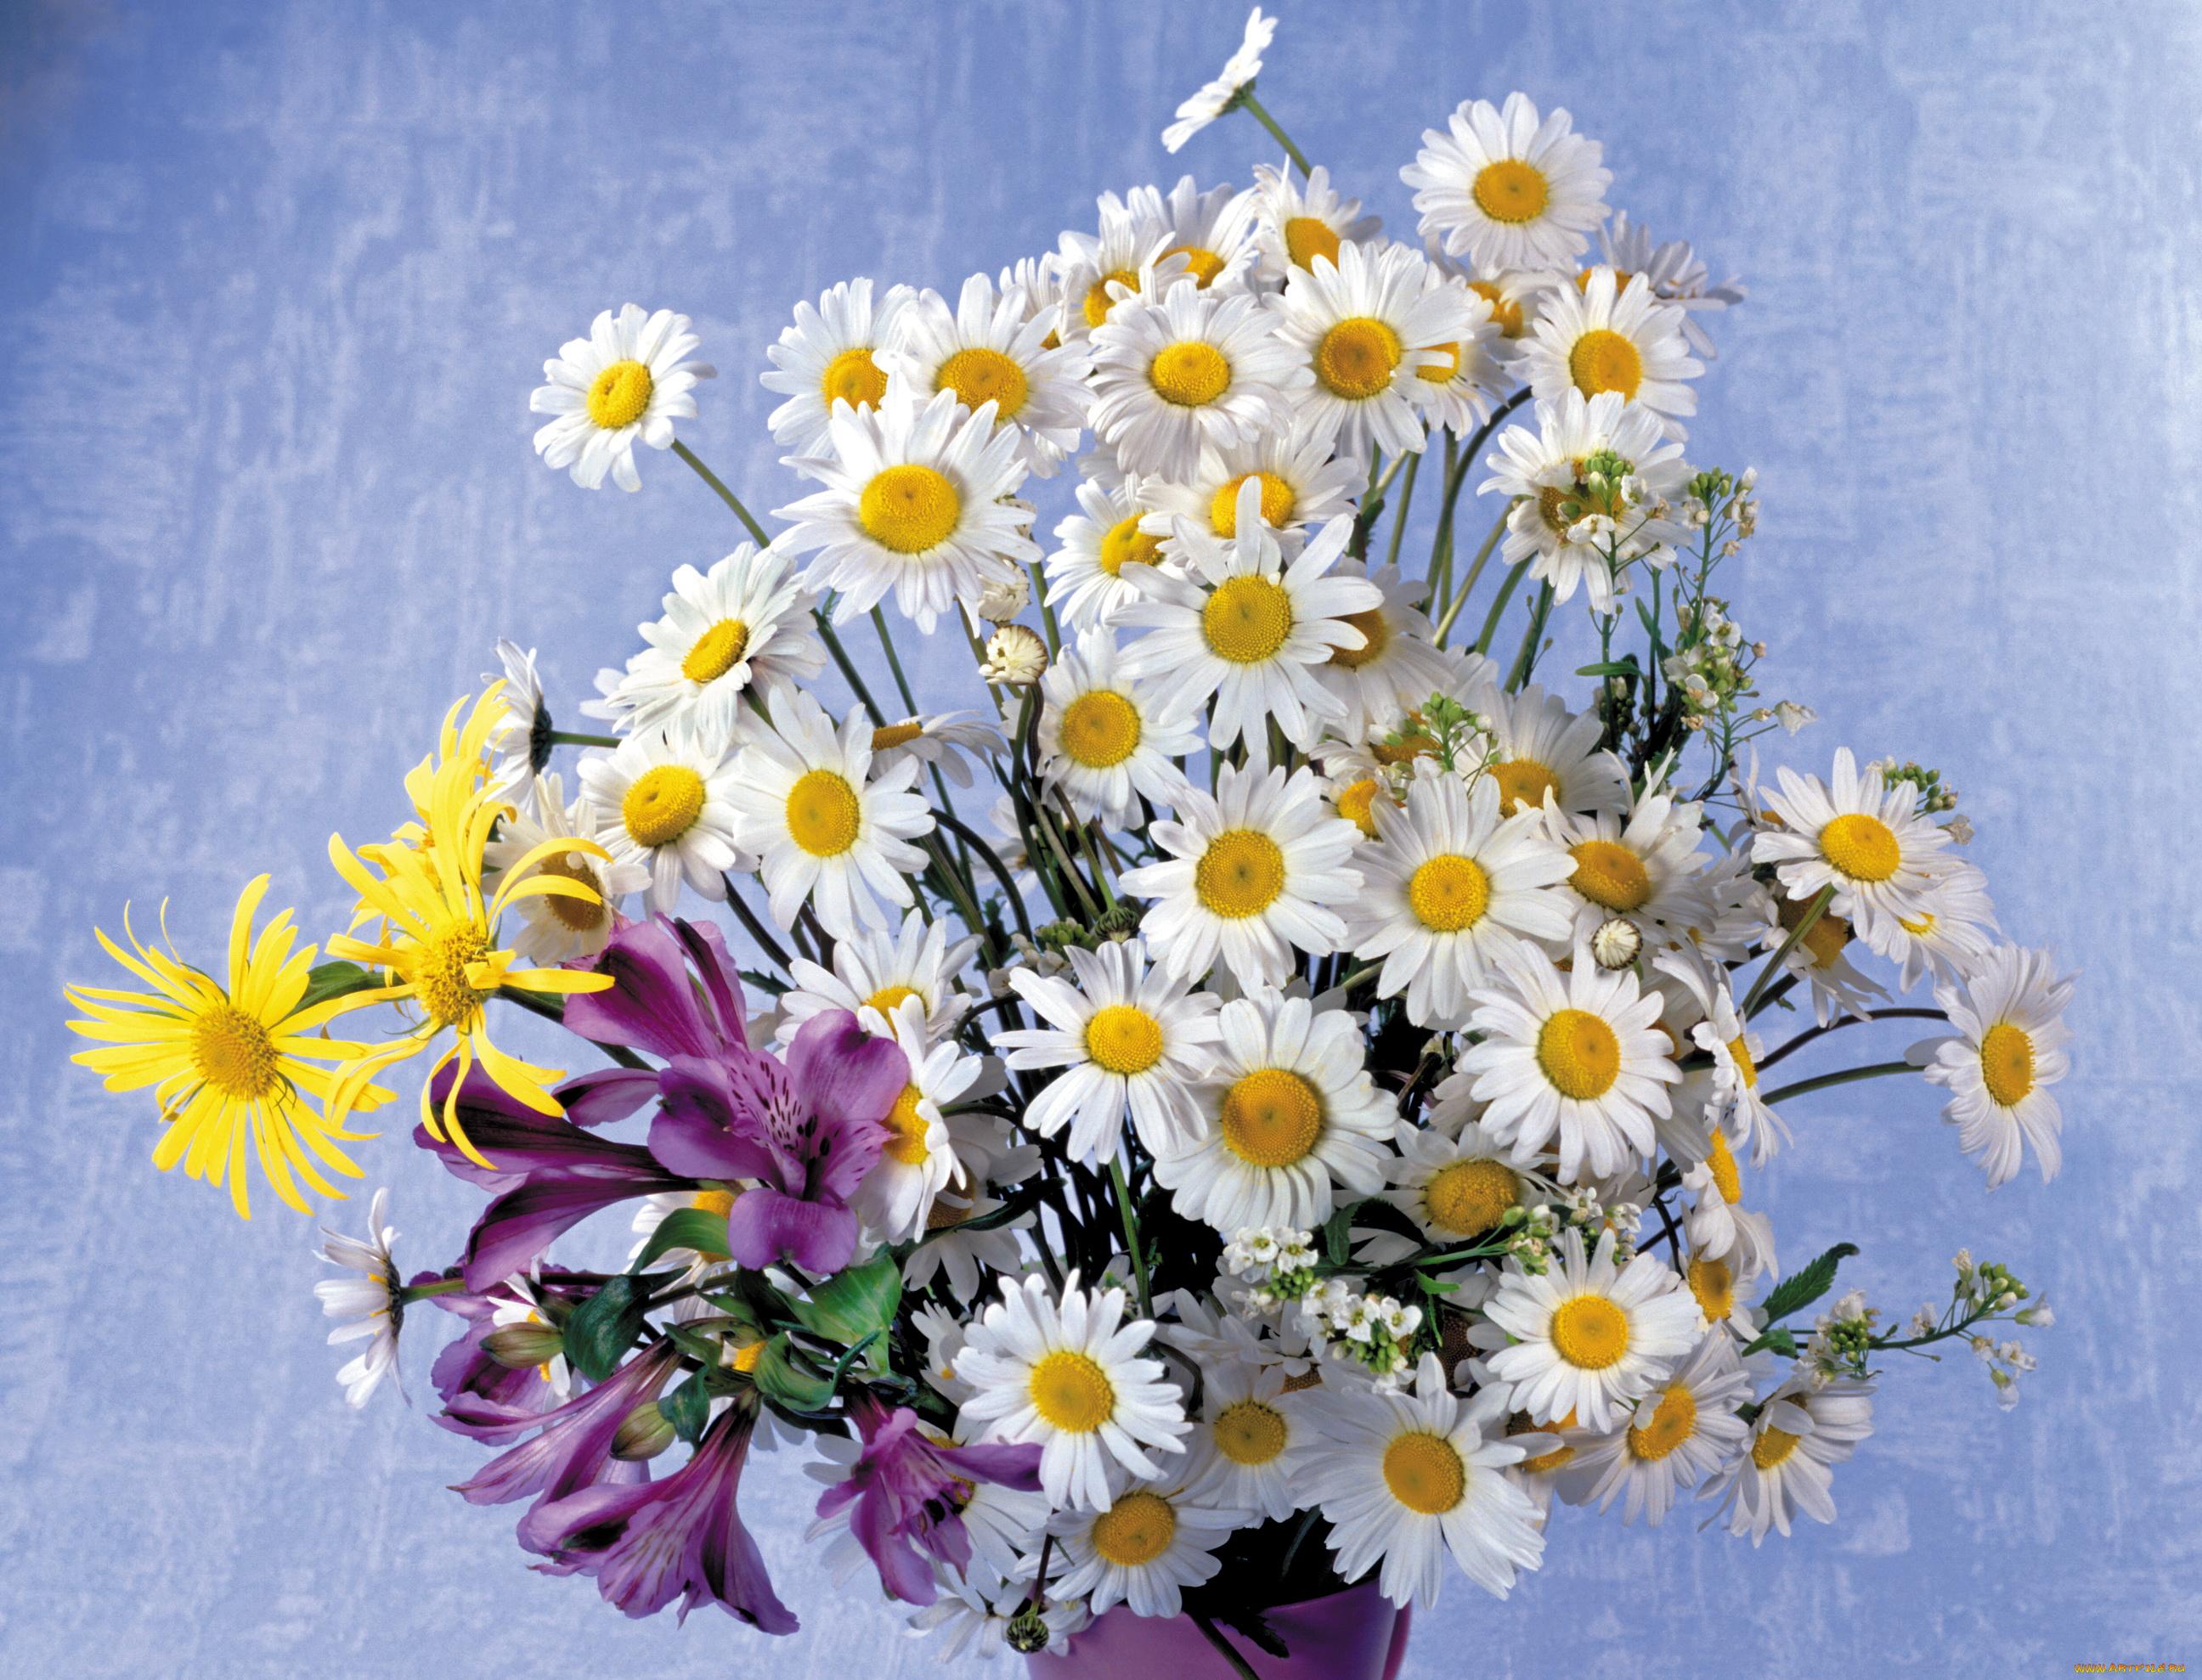 Картинка с днем рождения полевые цветы, обидно